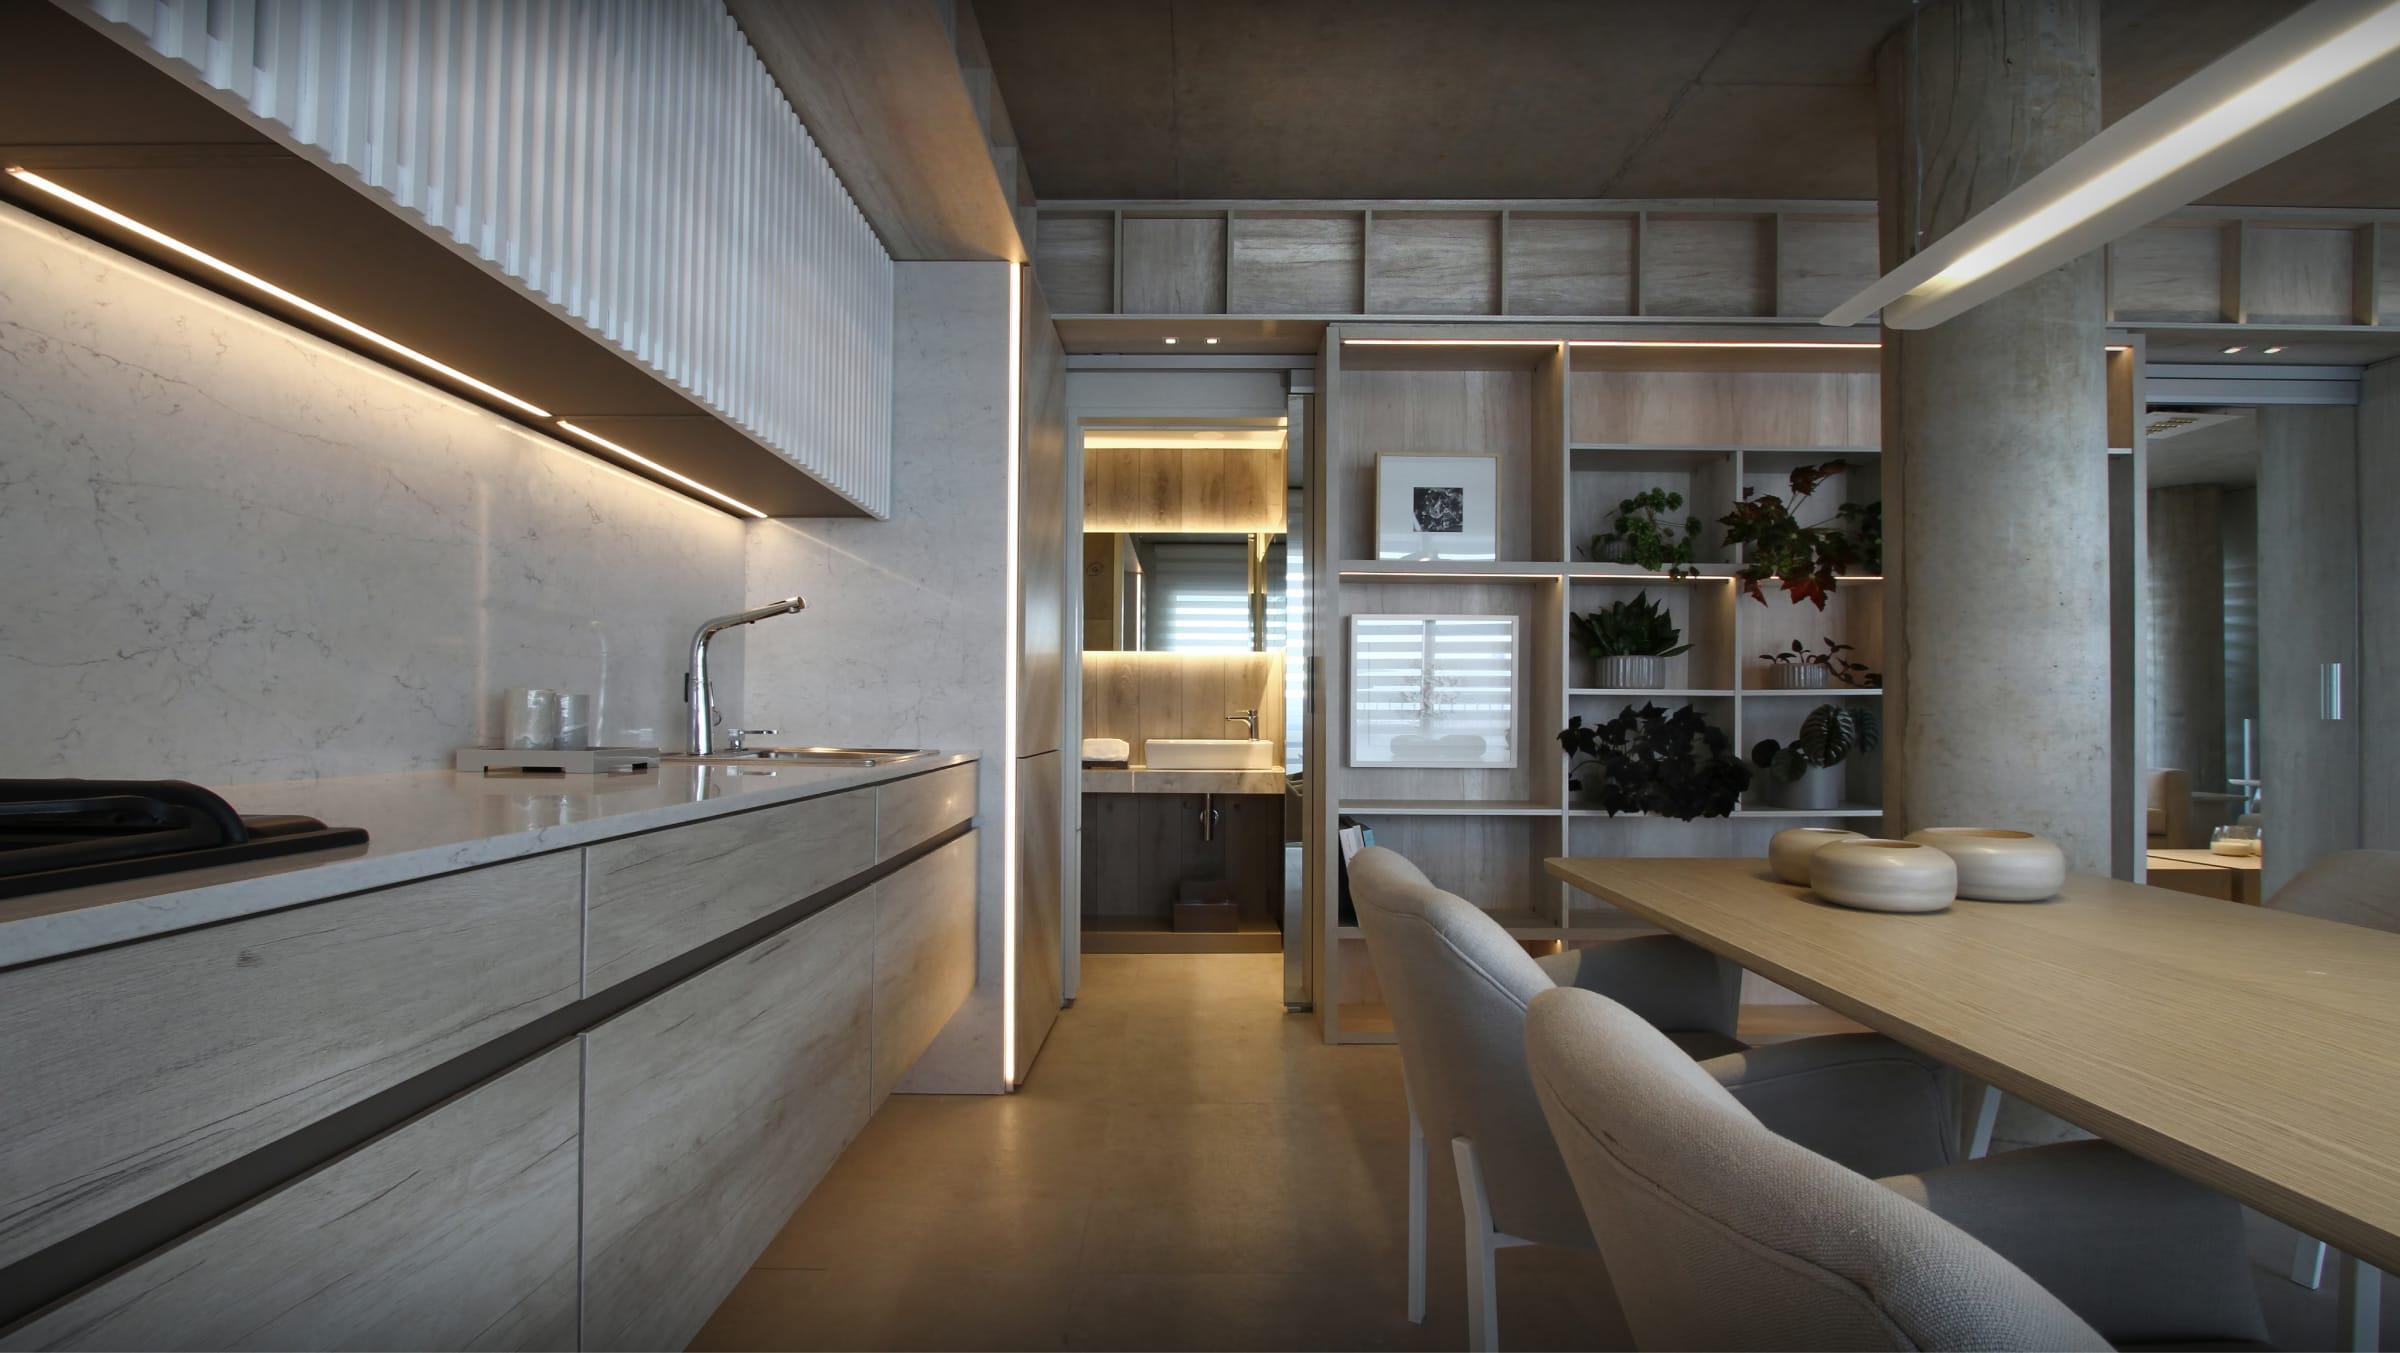 El mismo piso de porcellanato (Vite Porcellanato, colección Cementos) en todos los ambientes colabora a la integración de los espacios